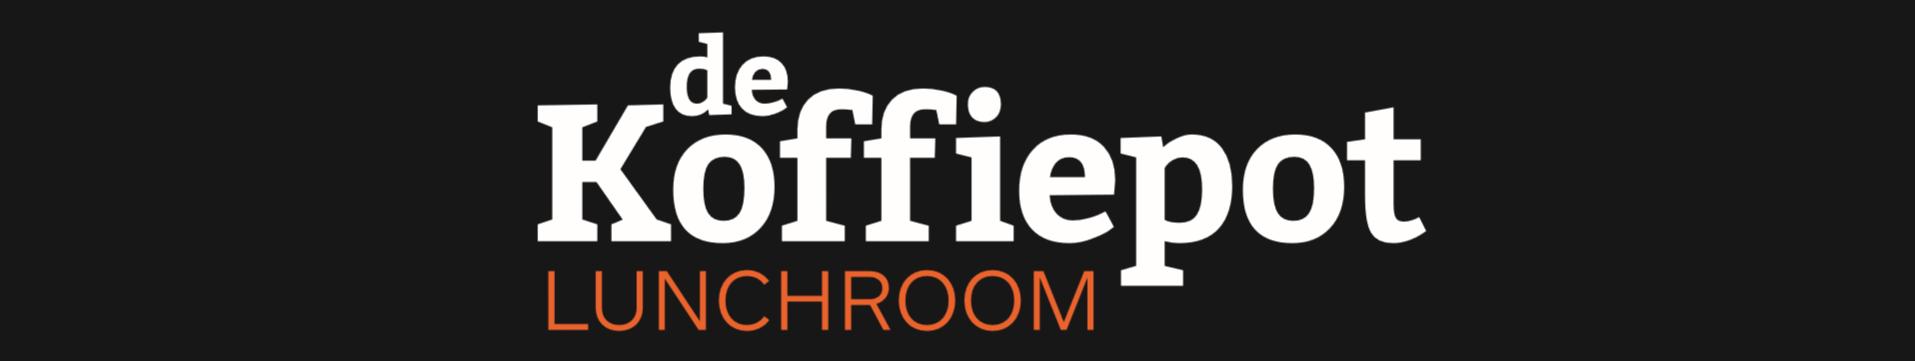 Banner de Koffiepot